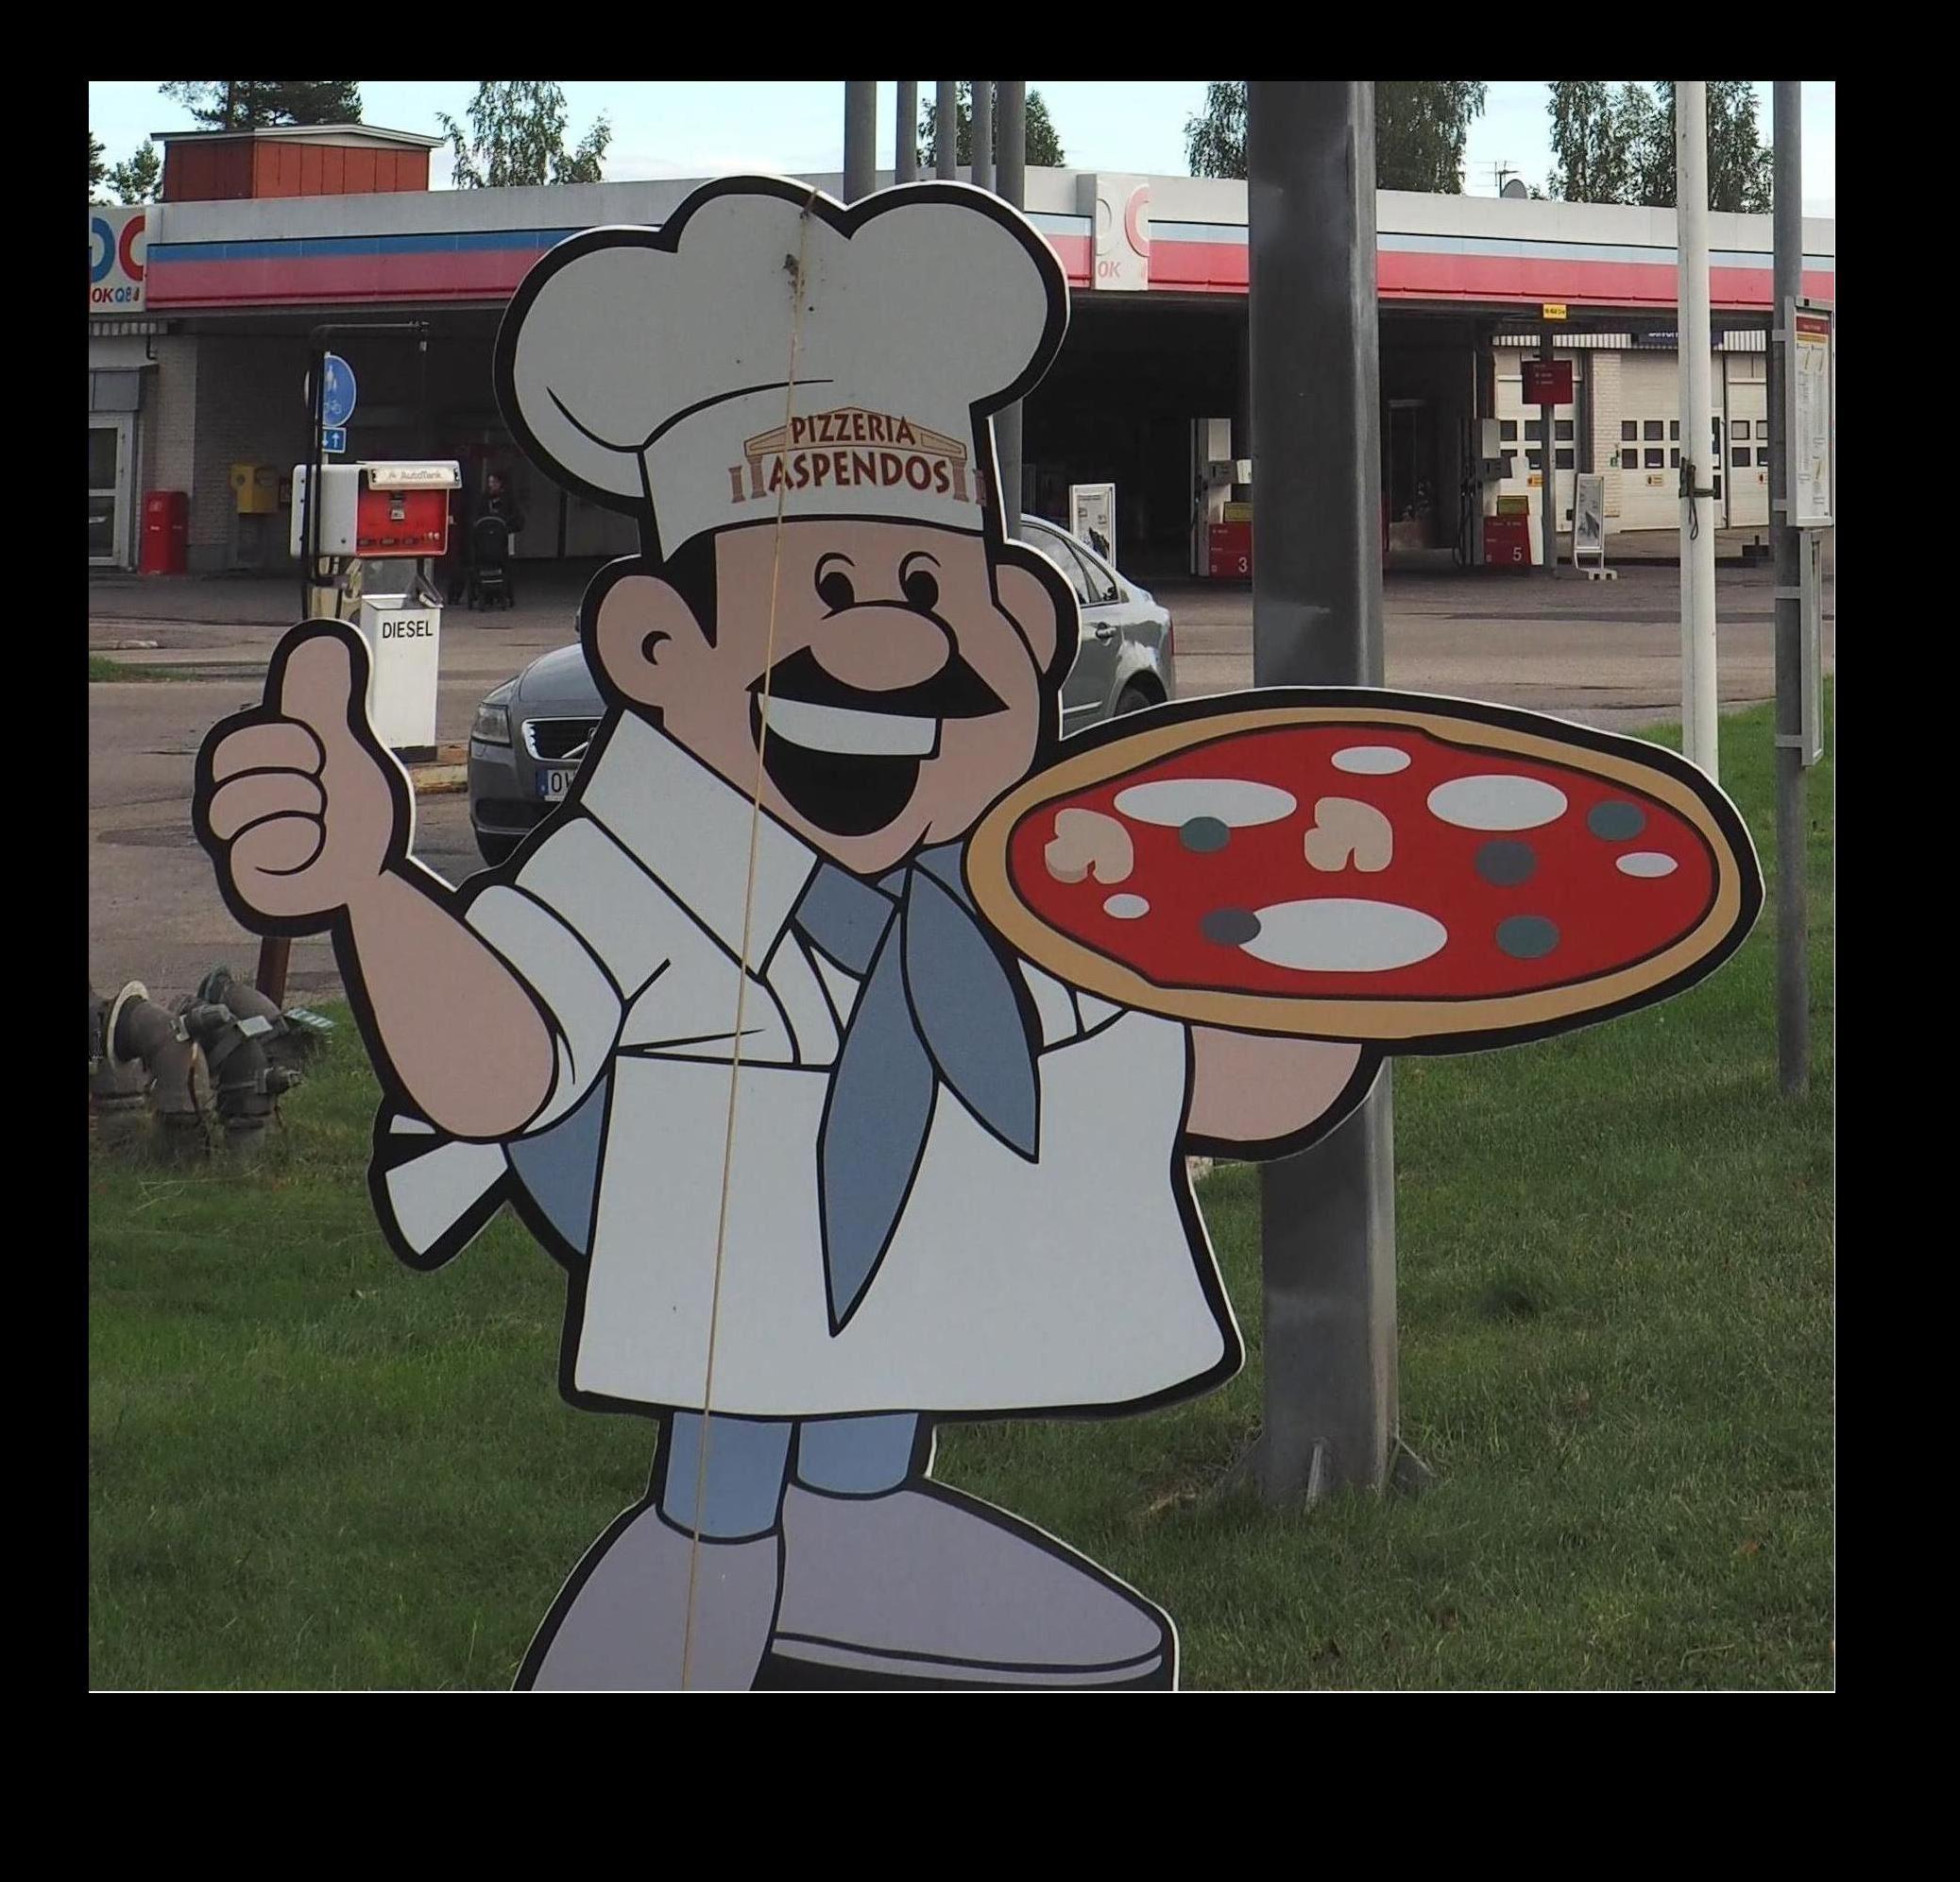 Pizzeria Aspendor